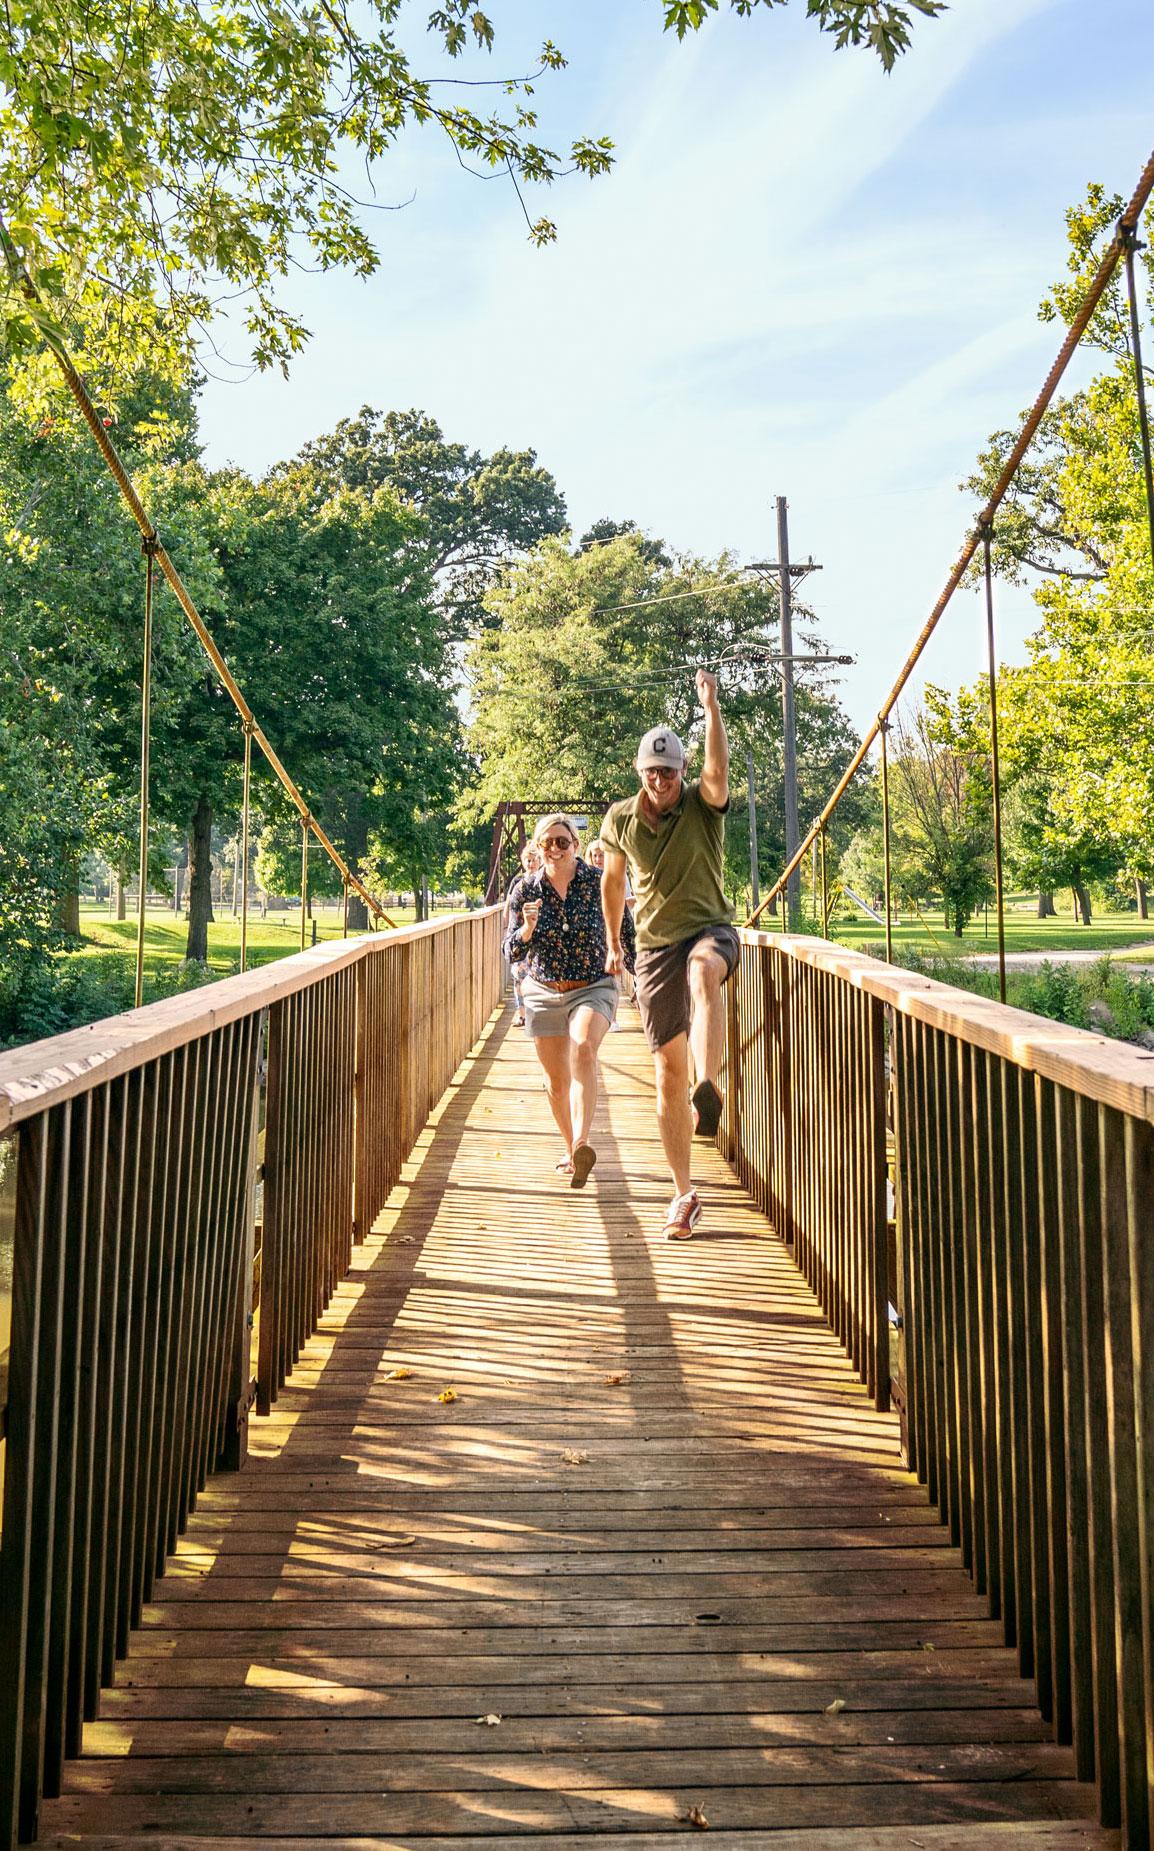 Pontiac's swinging bridges